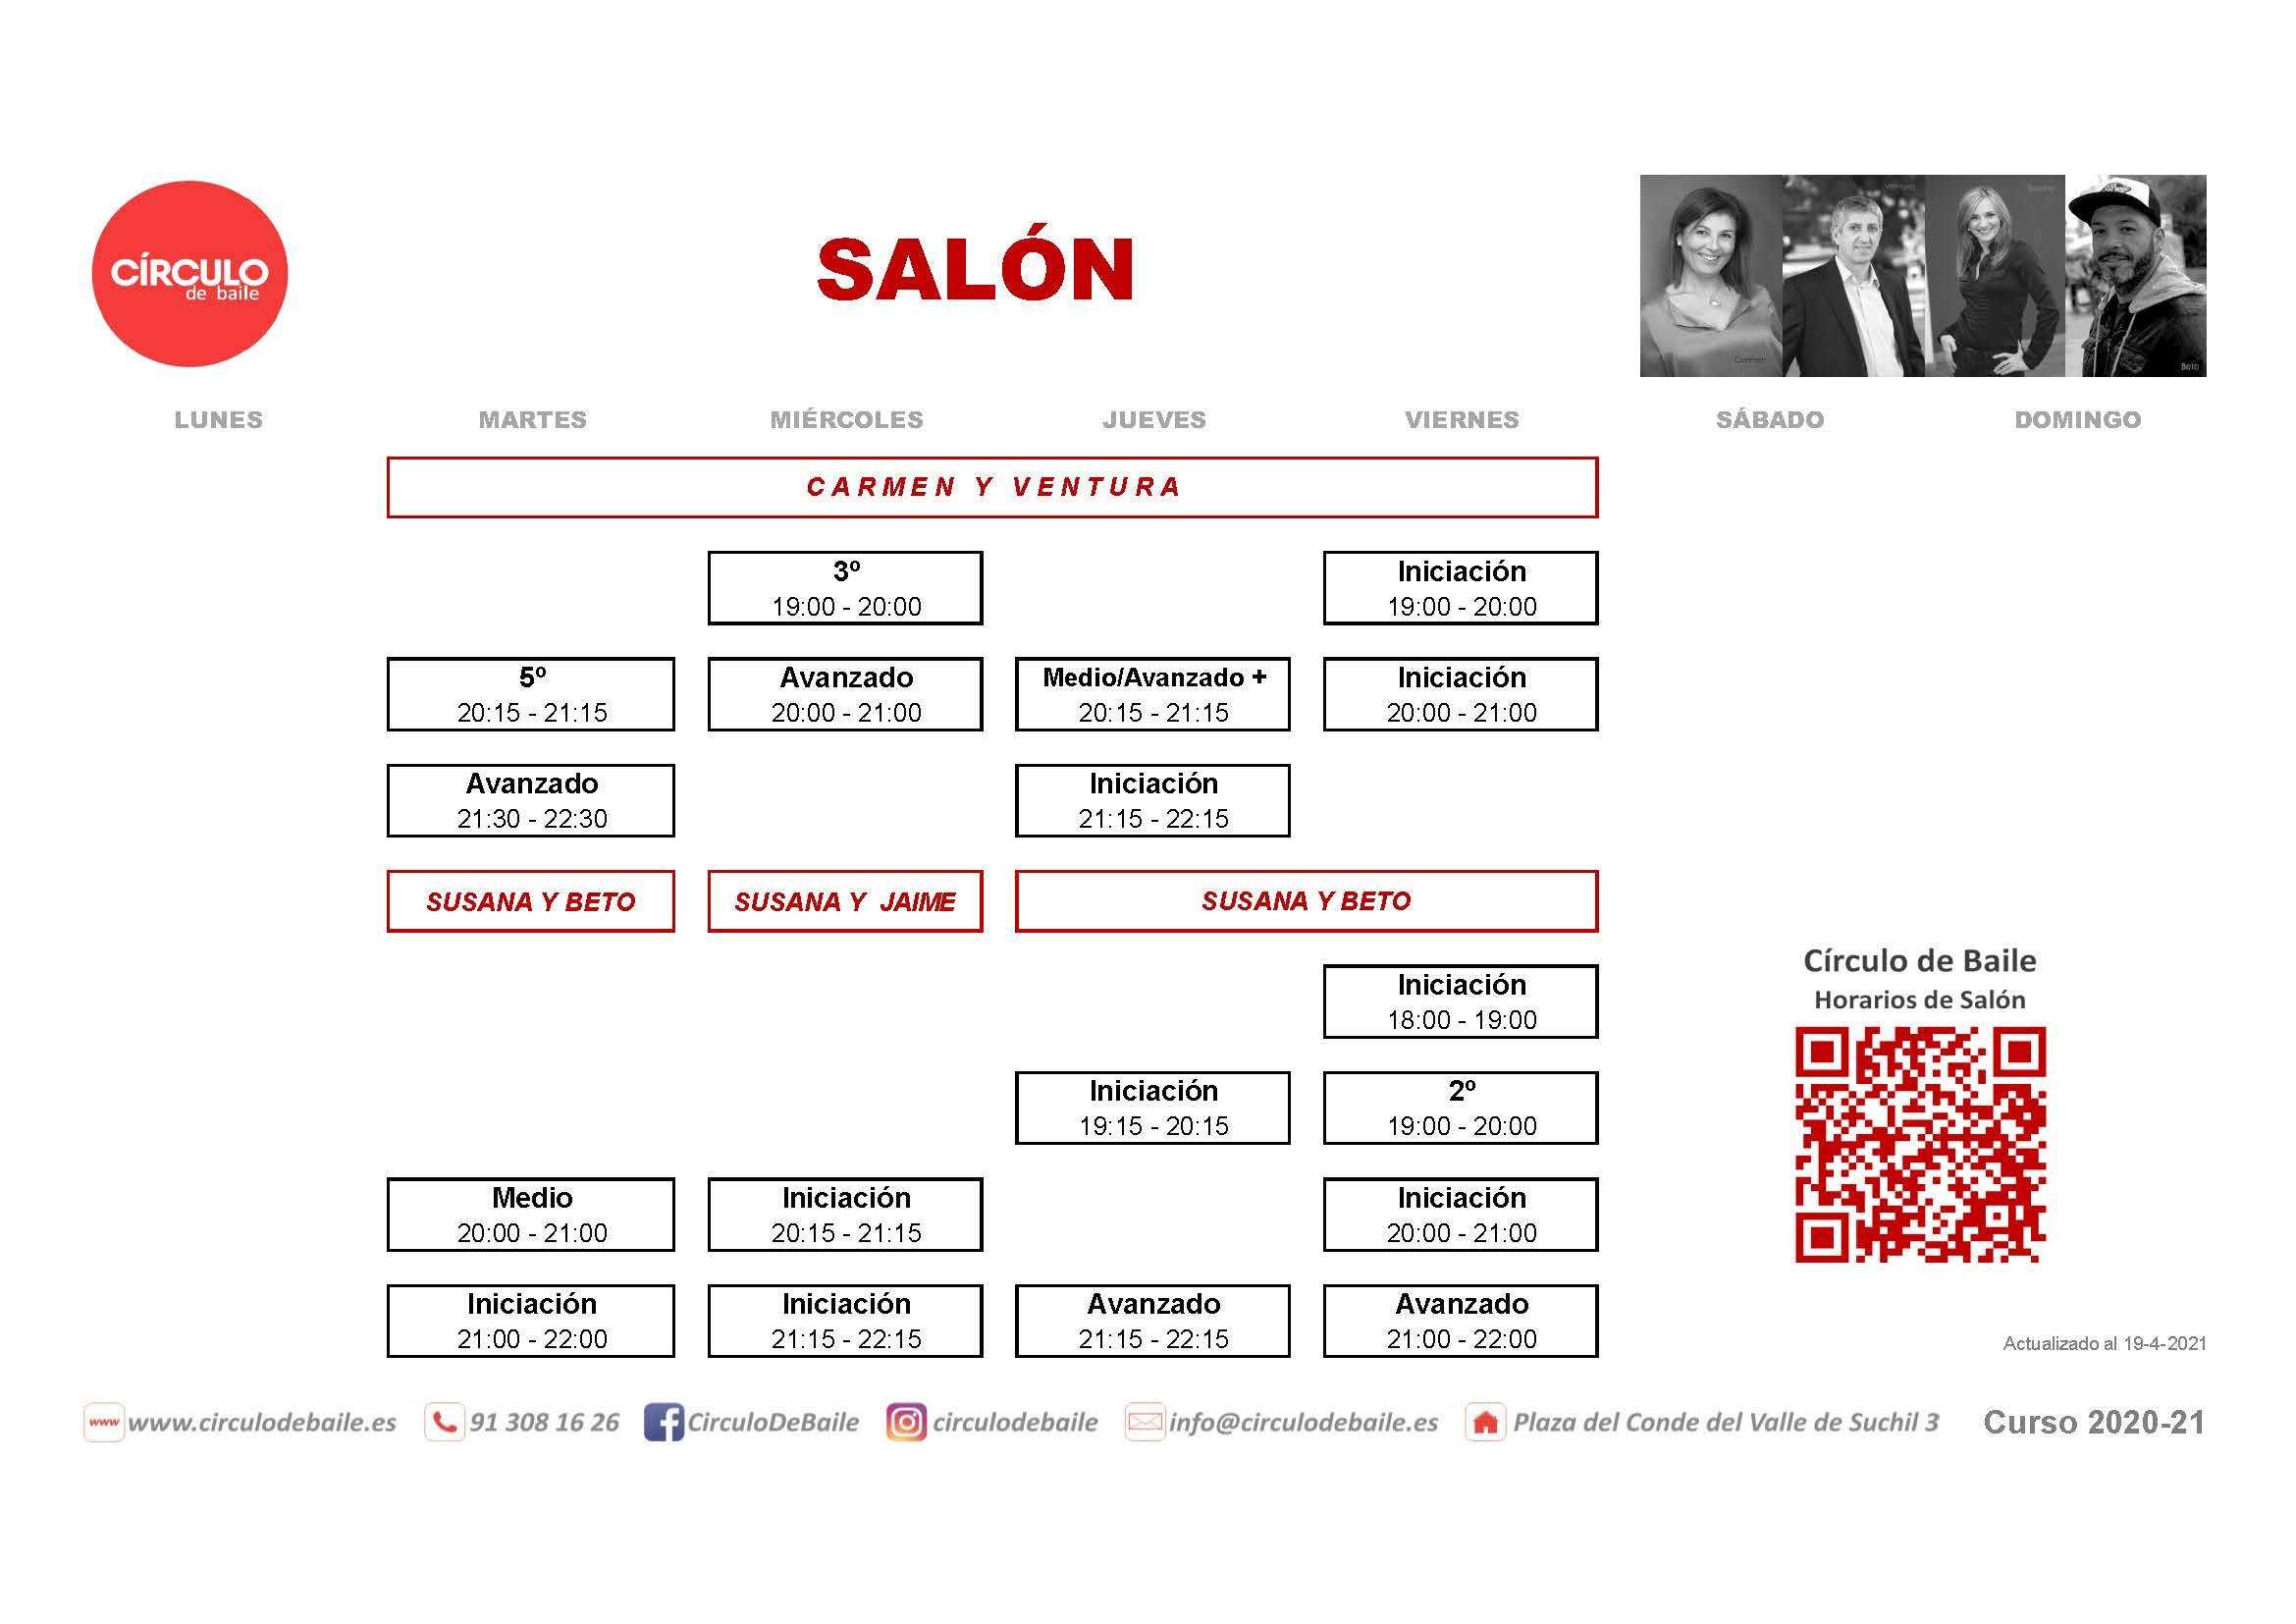 Horarios de Salón del curso 2020-21 en Circulo de Baile